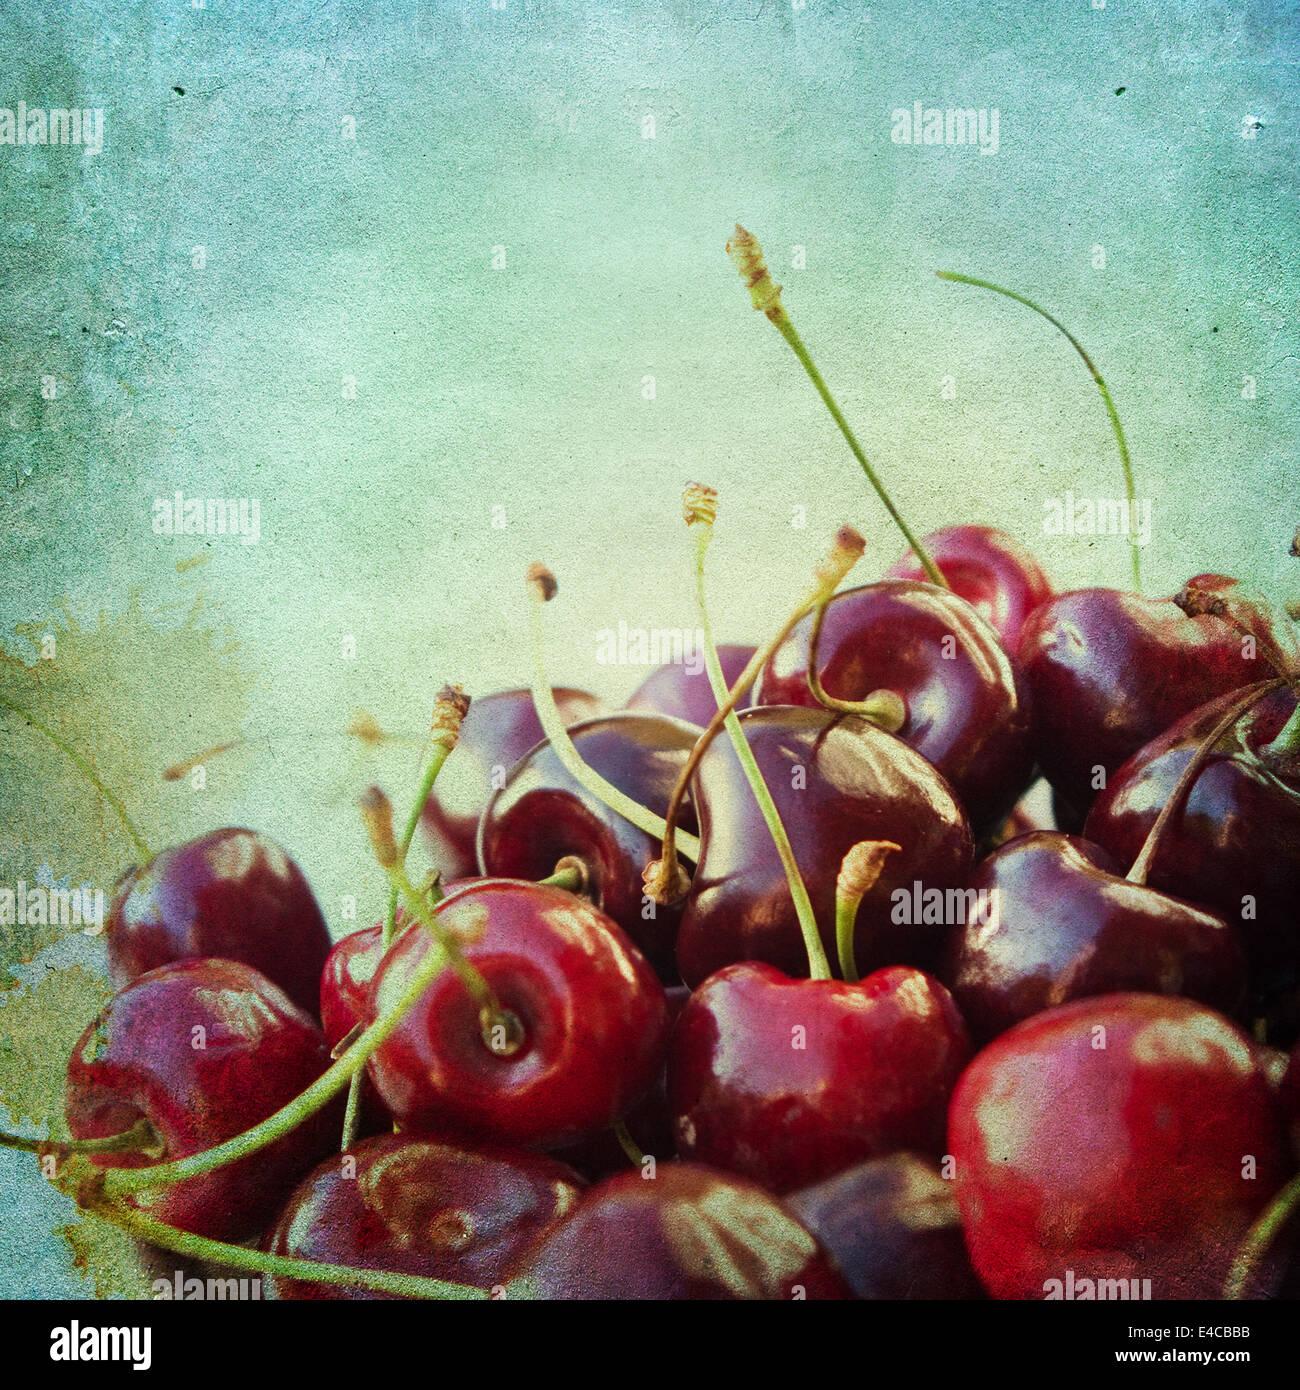 Vintage-Hintergrund mit Kirschen Stockbild